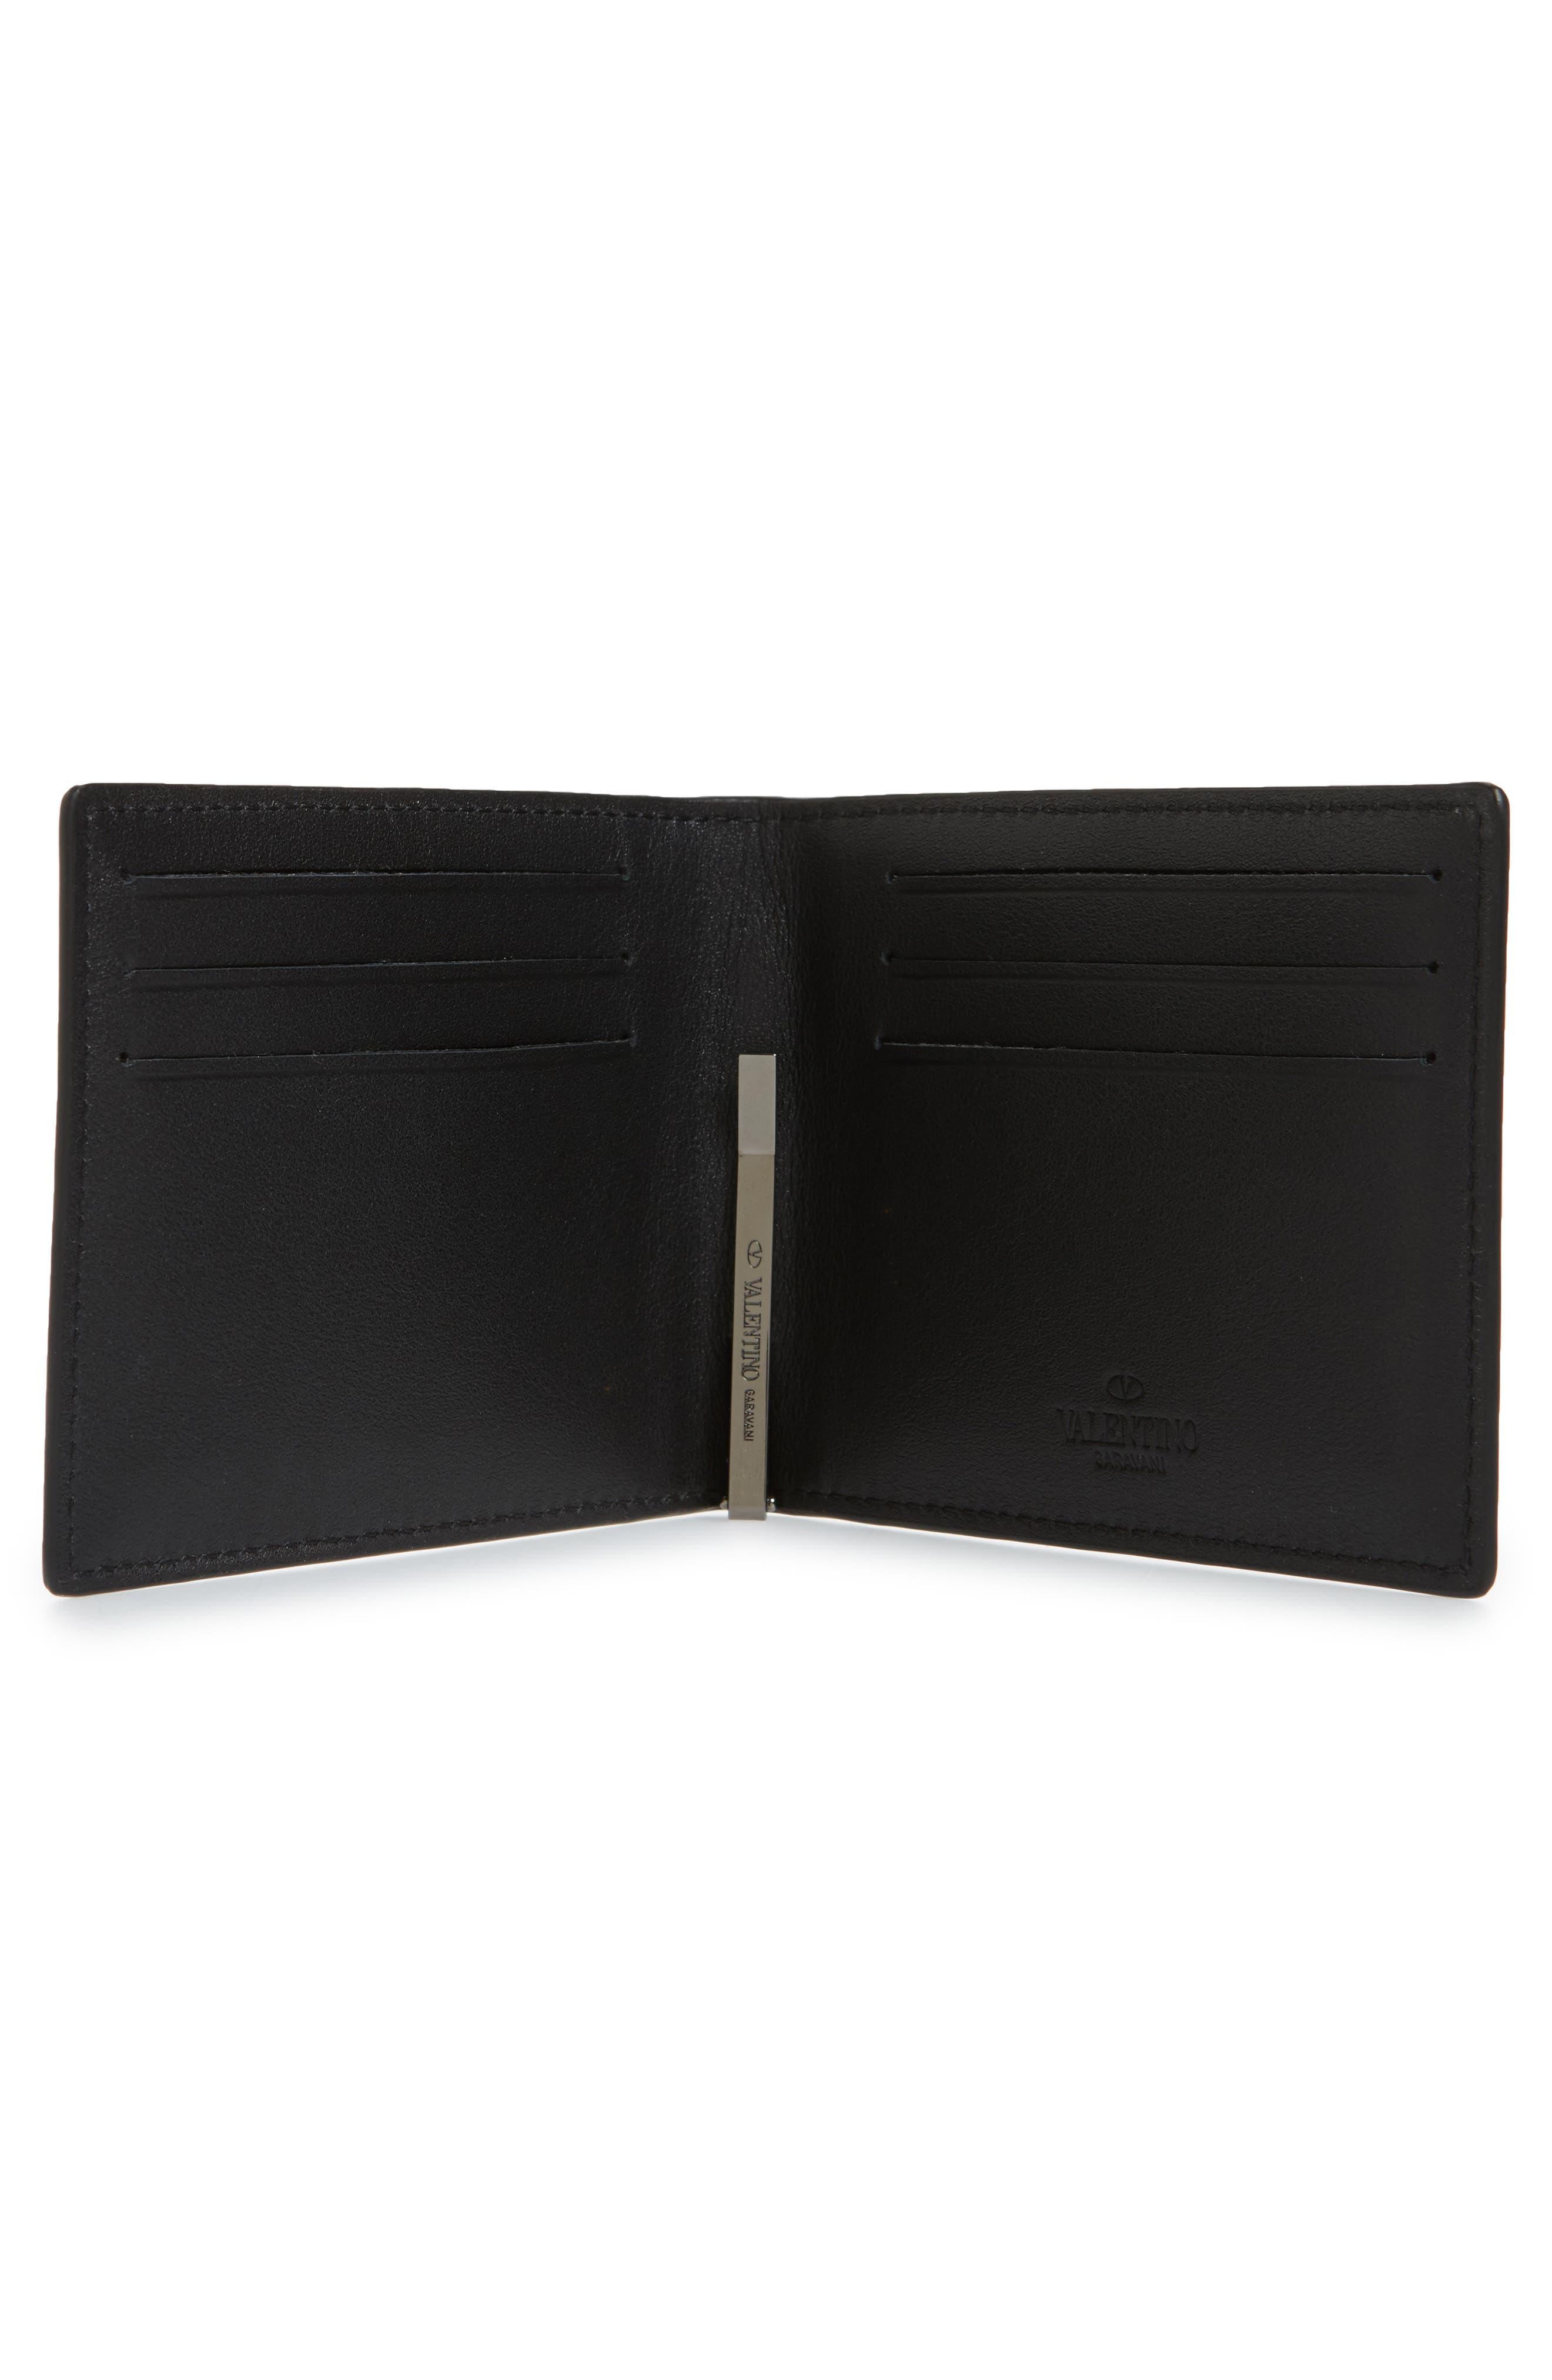 GARAVANI Stud Leather Money Clip Card Case,                             Alternate thumbnail 2, color,                             Black